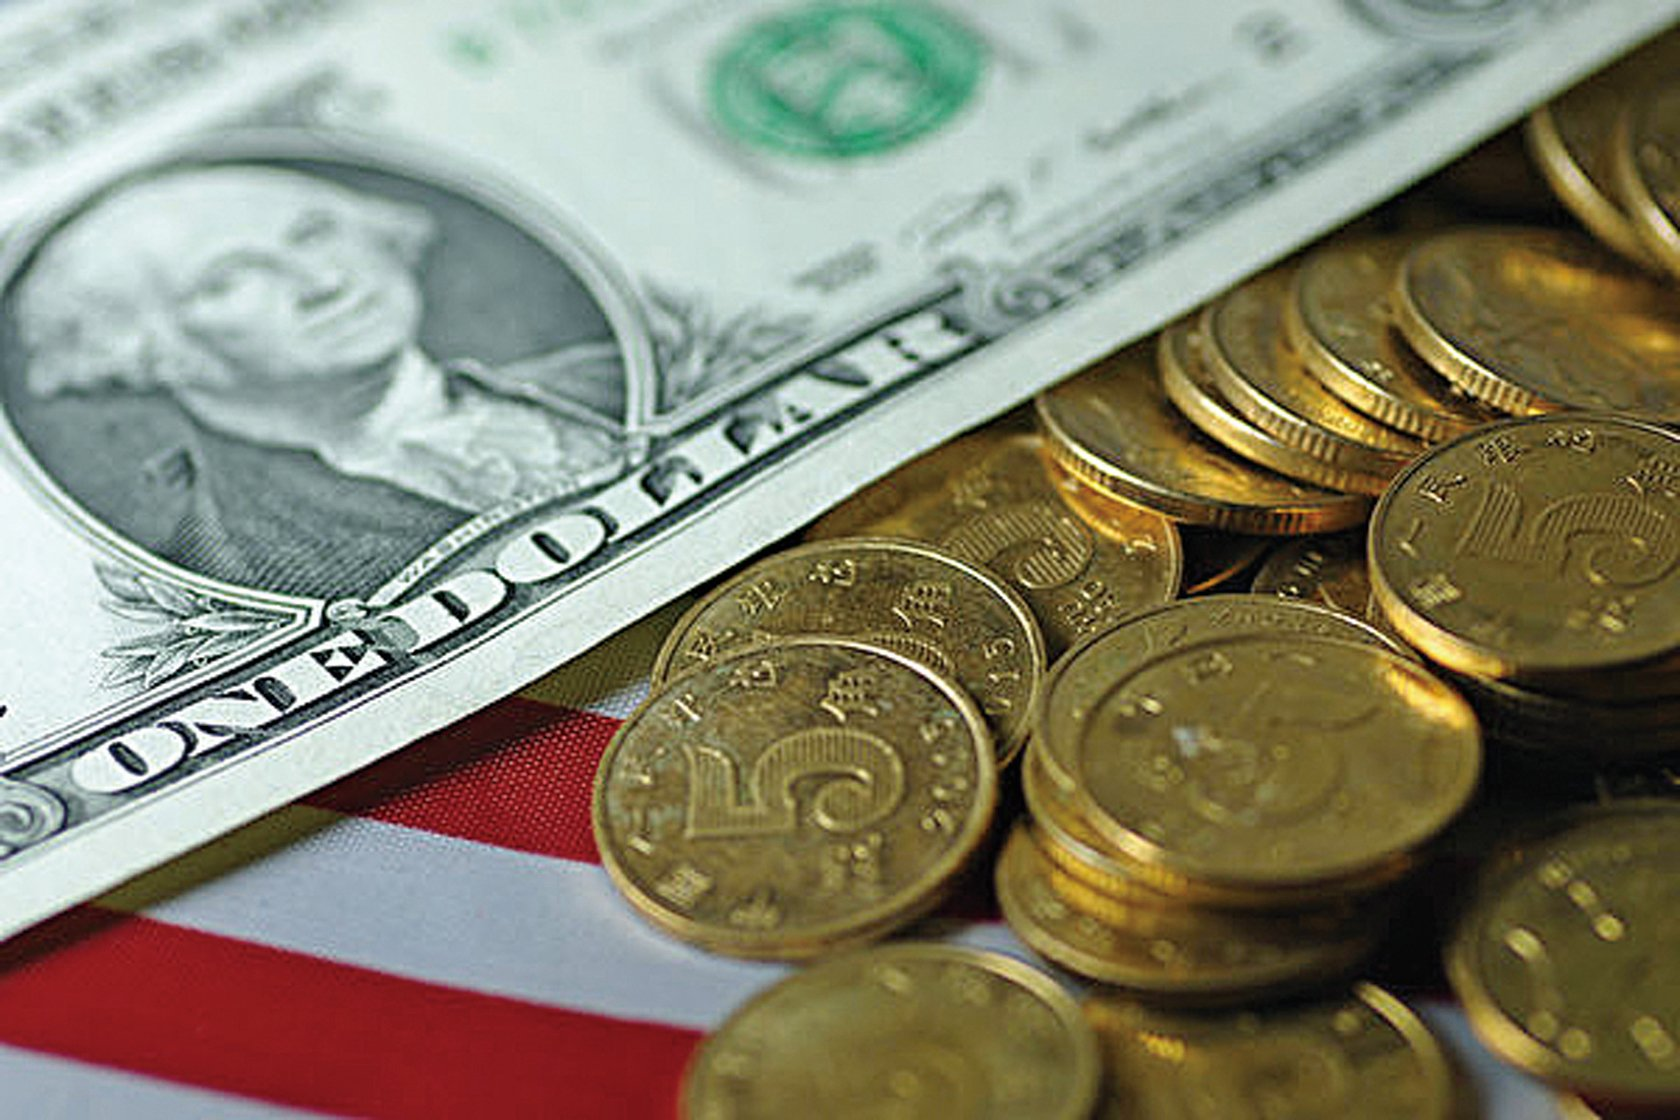 離岸人民幣匯率月初一度大漲,但是市場仍然預期人民幣將貶值。(大紀元資料室)